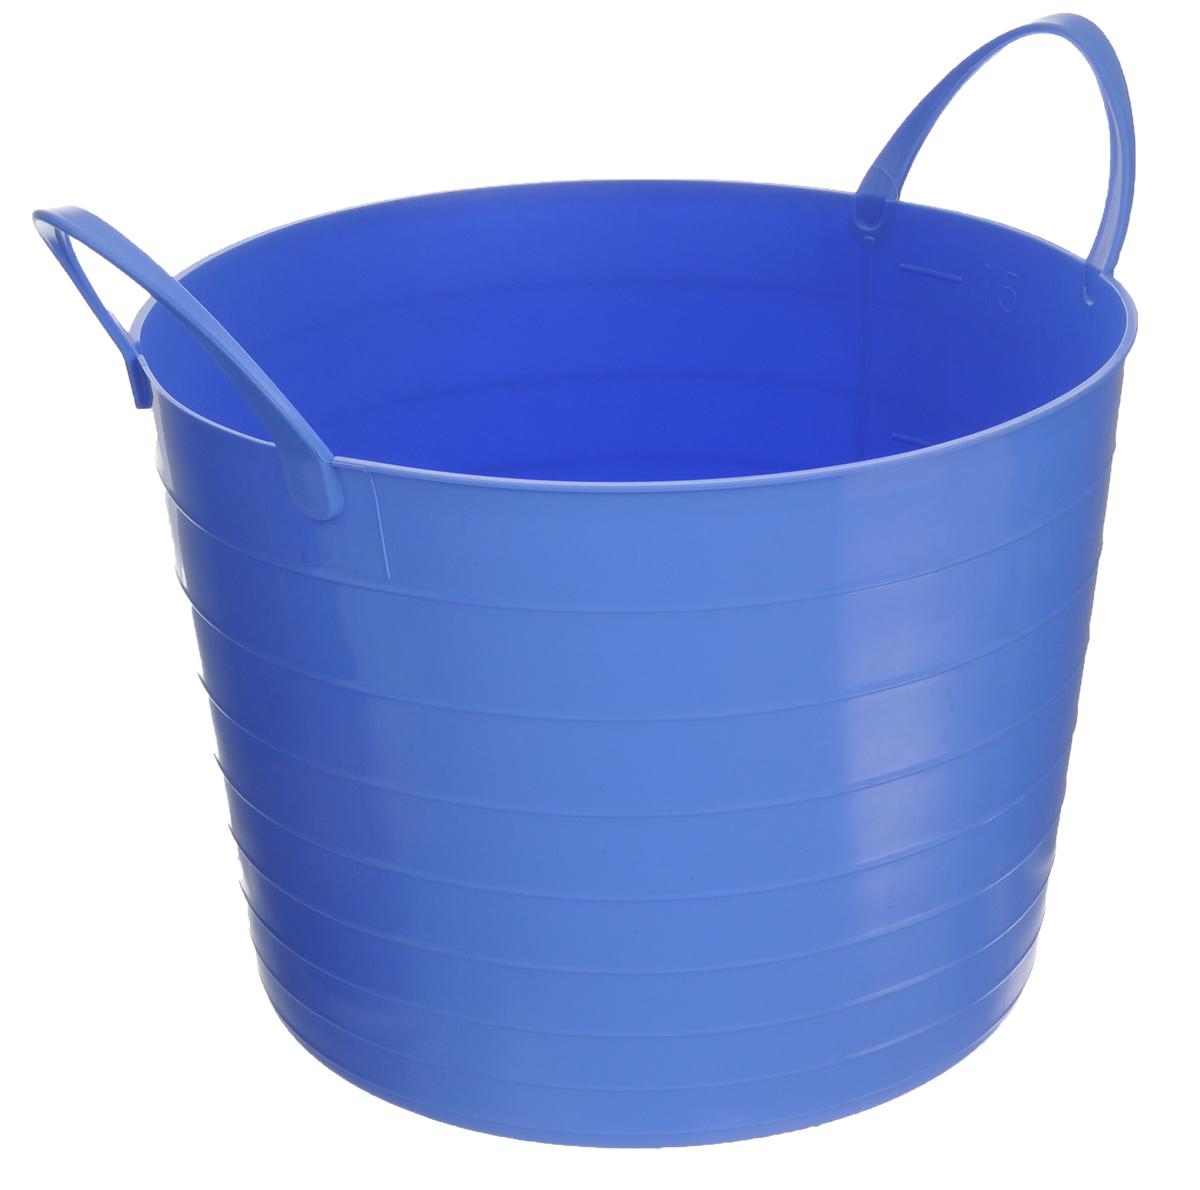 Корзина мягкая Idea, цвет: сиреневый, 17 лCLP446Мягкая корзина Idea изготовлена из гибкого полиэтилена, оснащена двумя удобными ручками. Внутренняя поверхность имеет отметки литража. Такой корзинке можно найти множество применений в быту: для строительства, для сбора фруктов, овощей и грибов, для хранения бытовых предметов и много другого. Такая корзина пригодится в любом хозяйстве.Размер (без учета ручек): 33,5 х 33,5 х 24 см.